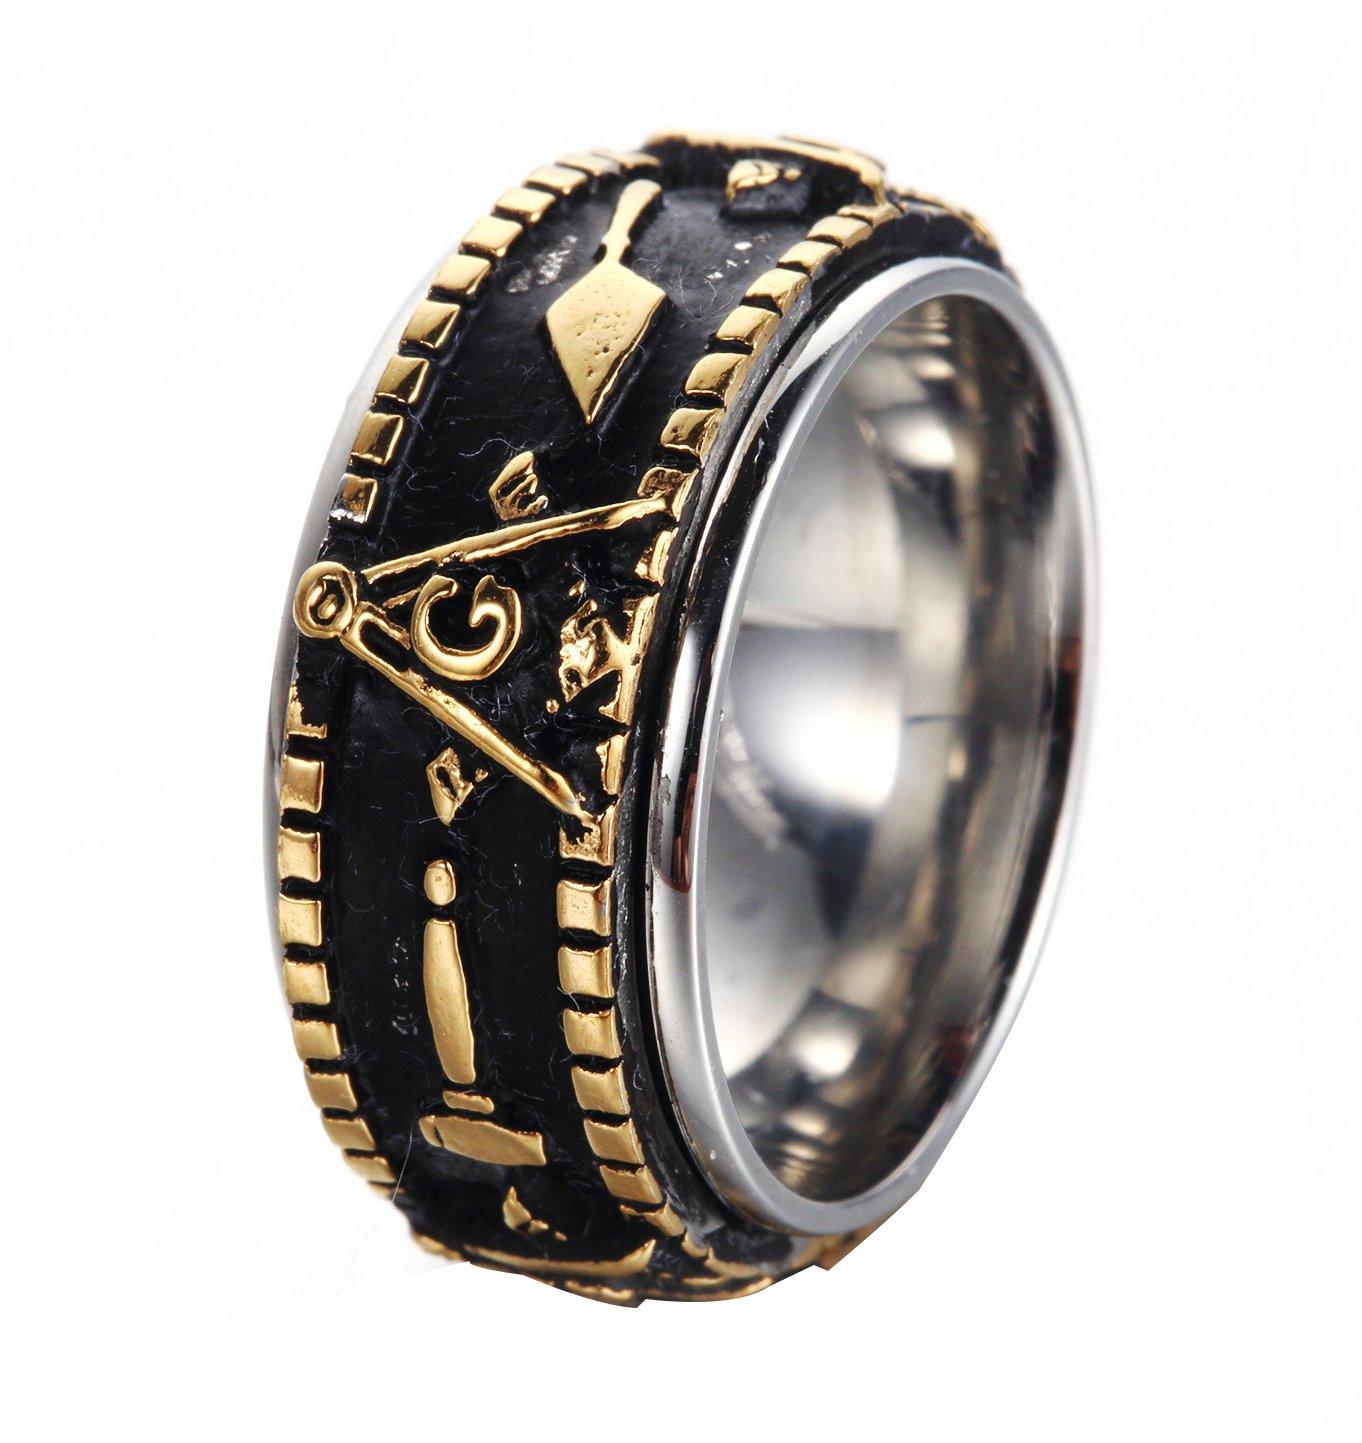 Rinspyre Men's Stainless Steel Vintage Spinner Freemason Masonic Ring Gold Plated Size 7